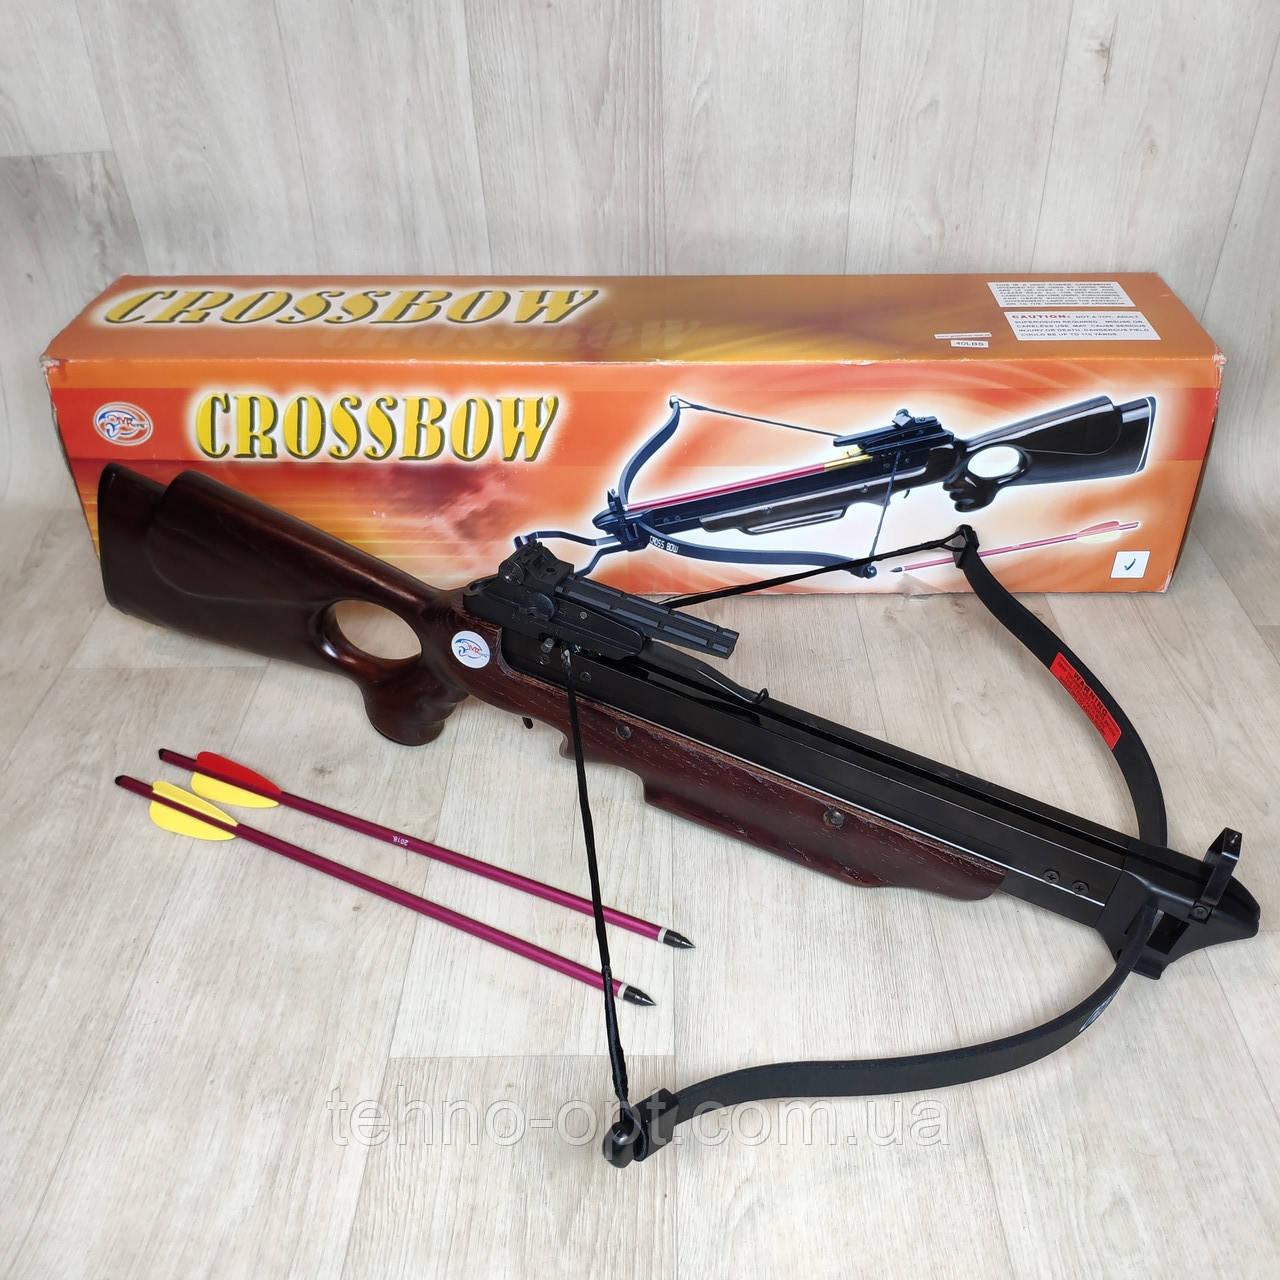 Мощный и удобный ОРИГИНАЛЬНЫЙ арбалет винтовочного типа для качественной стрельбы (Man Kung MK - 150A3W)